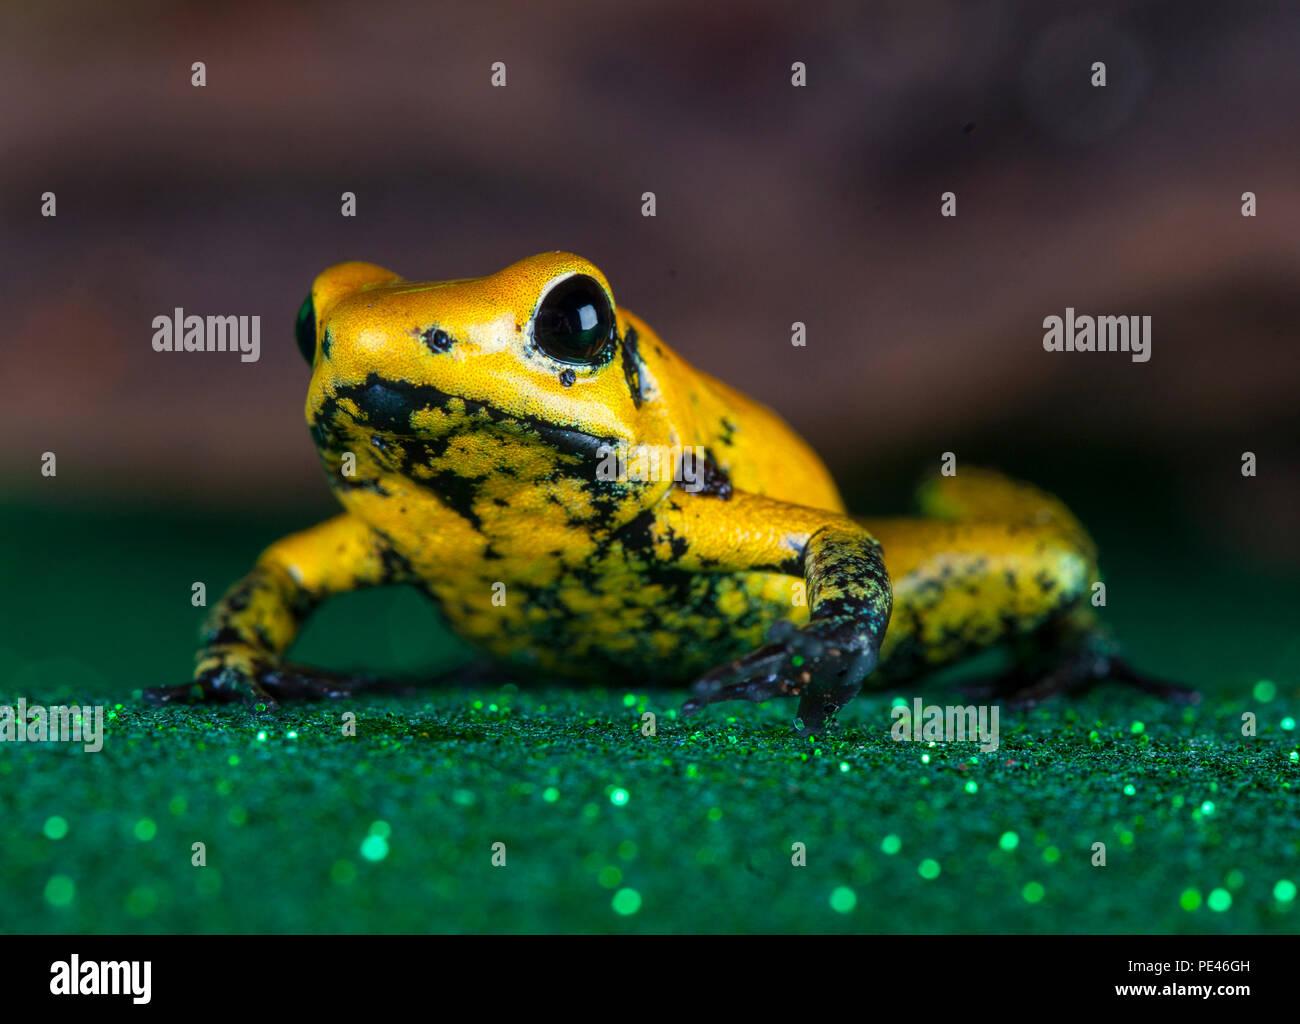 Golden frog glisser Photo Stock